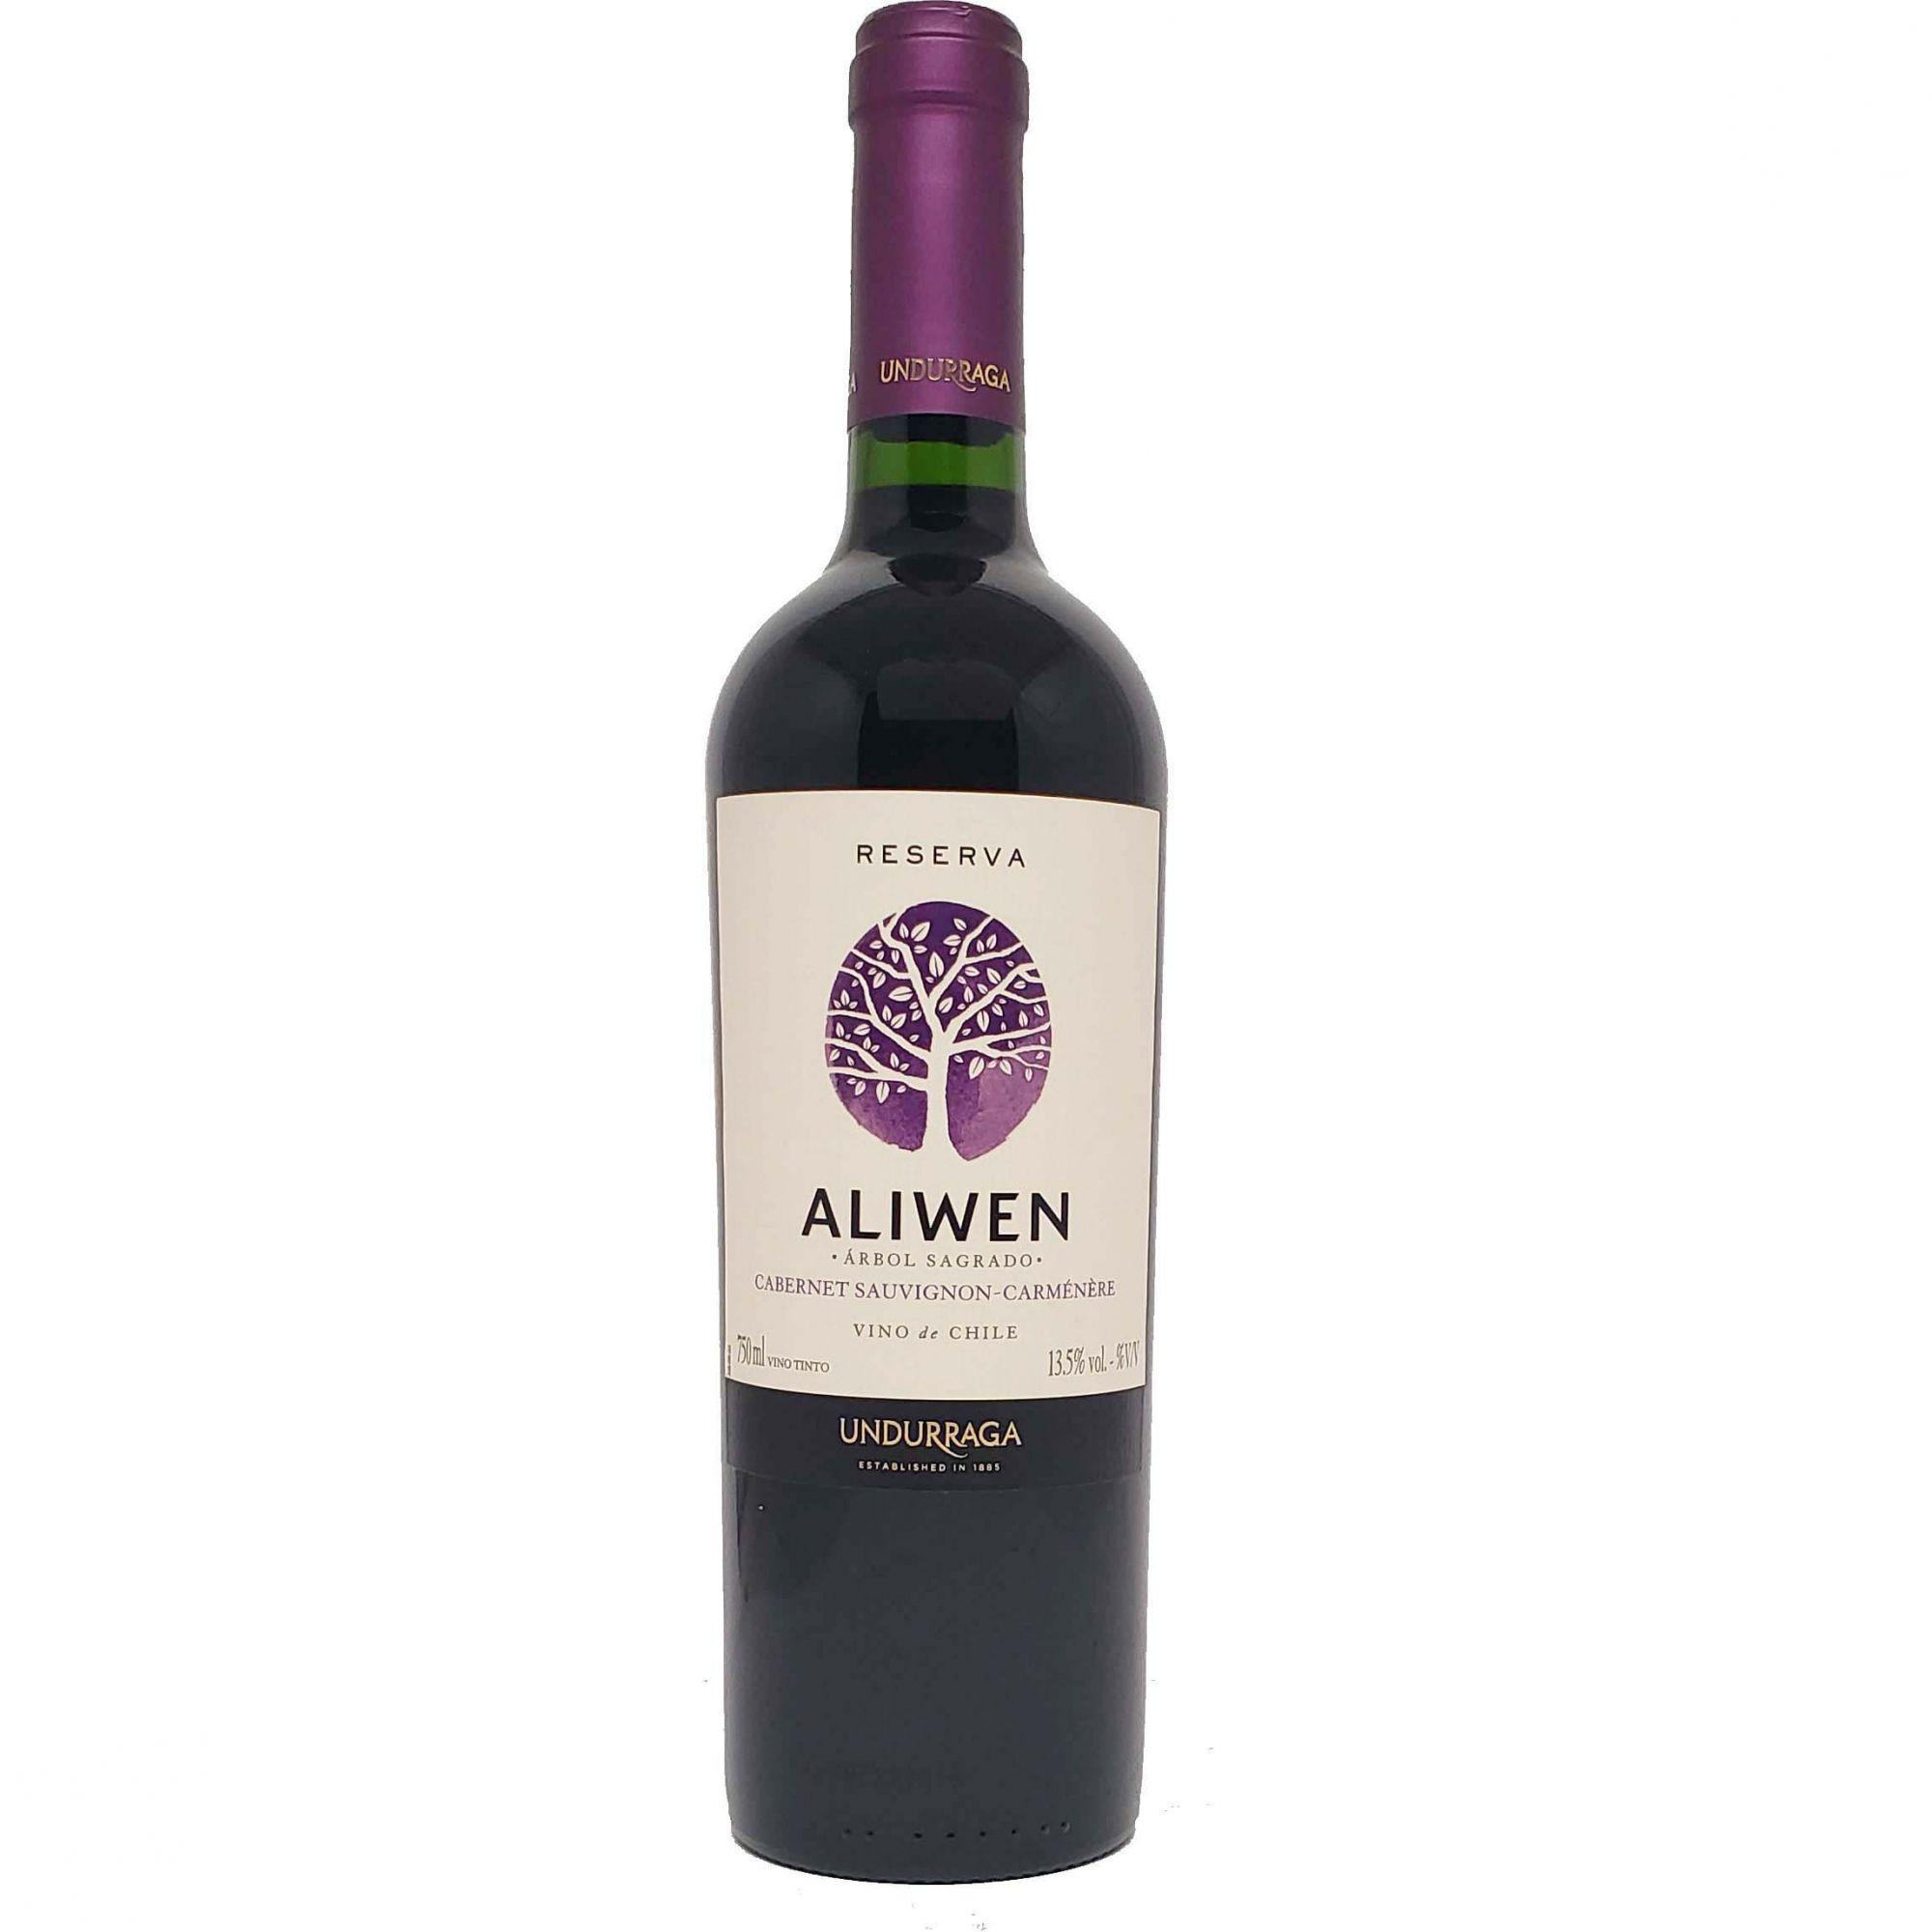 Vinho Tinto Aliwen Reserva Cabernet Sauvignon-Carménère Undurraga - 750ml -